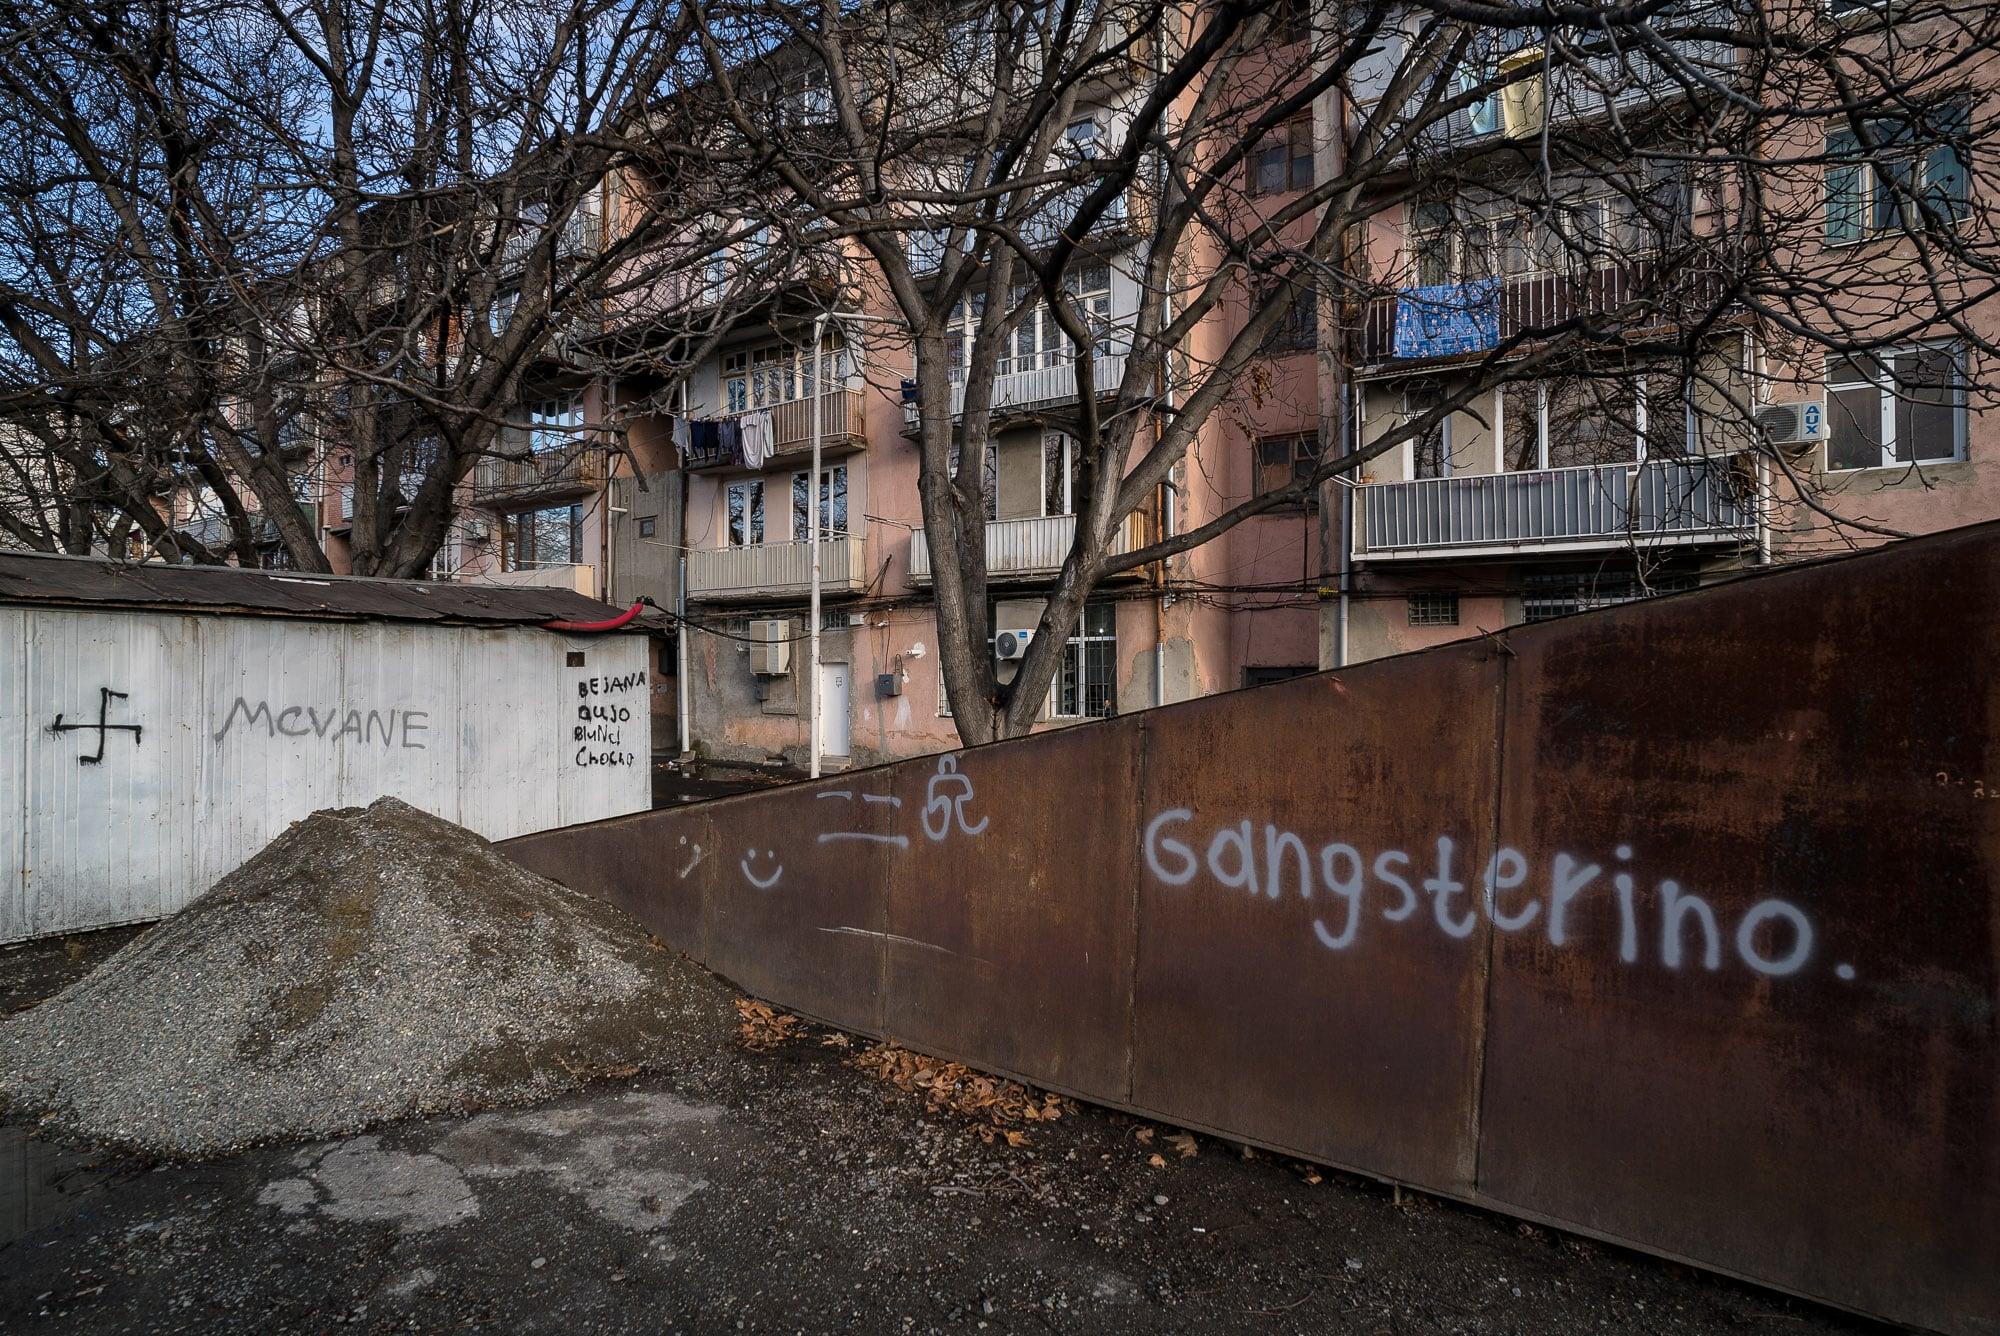 Gangsterino